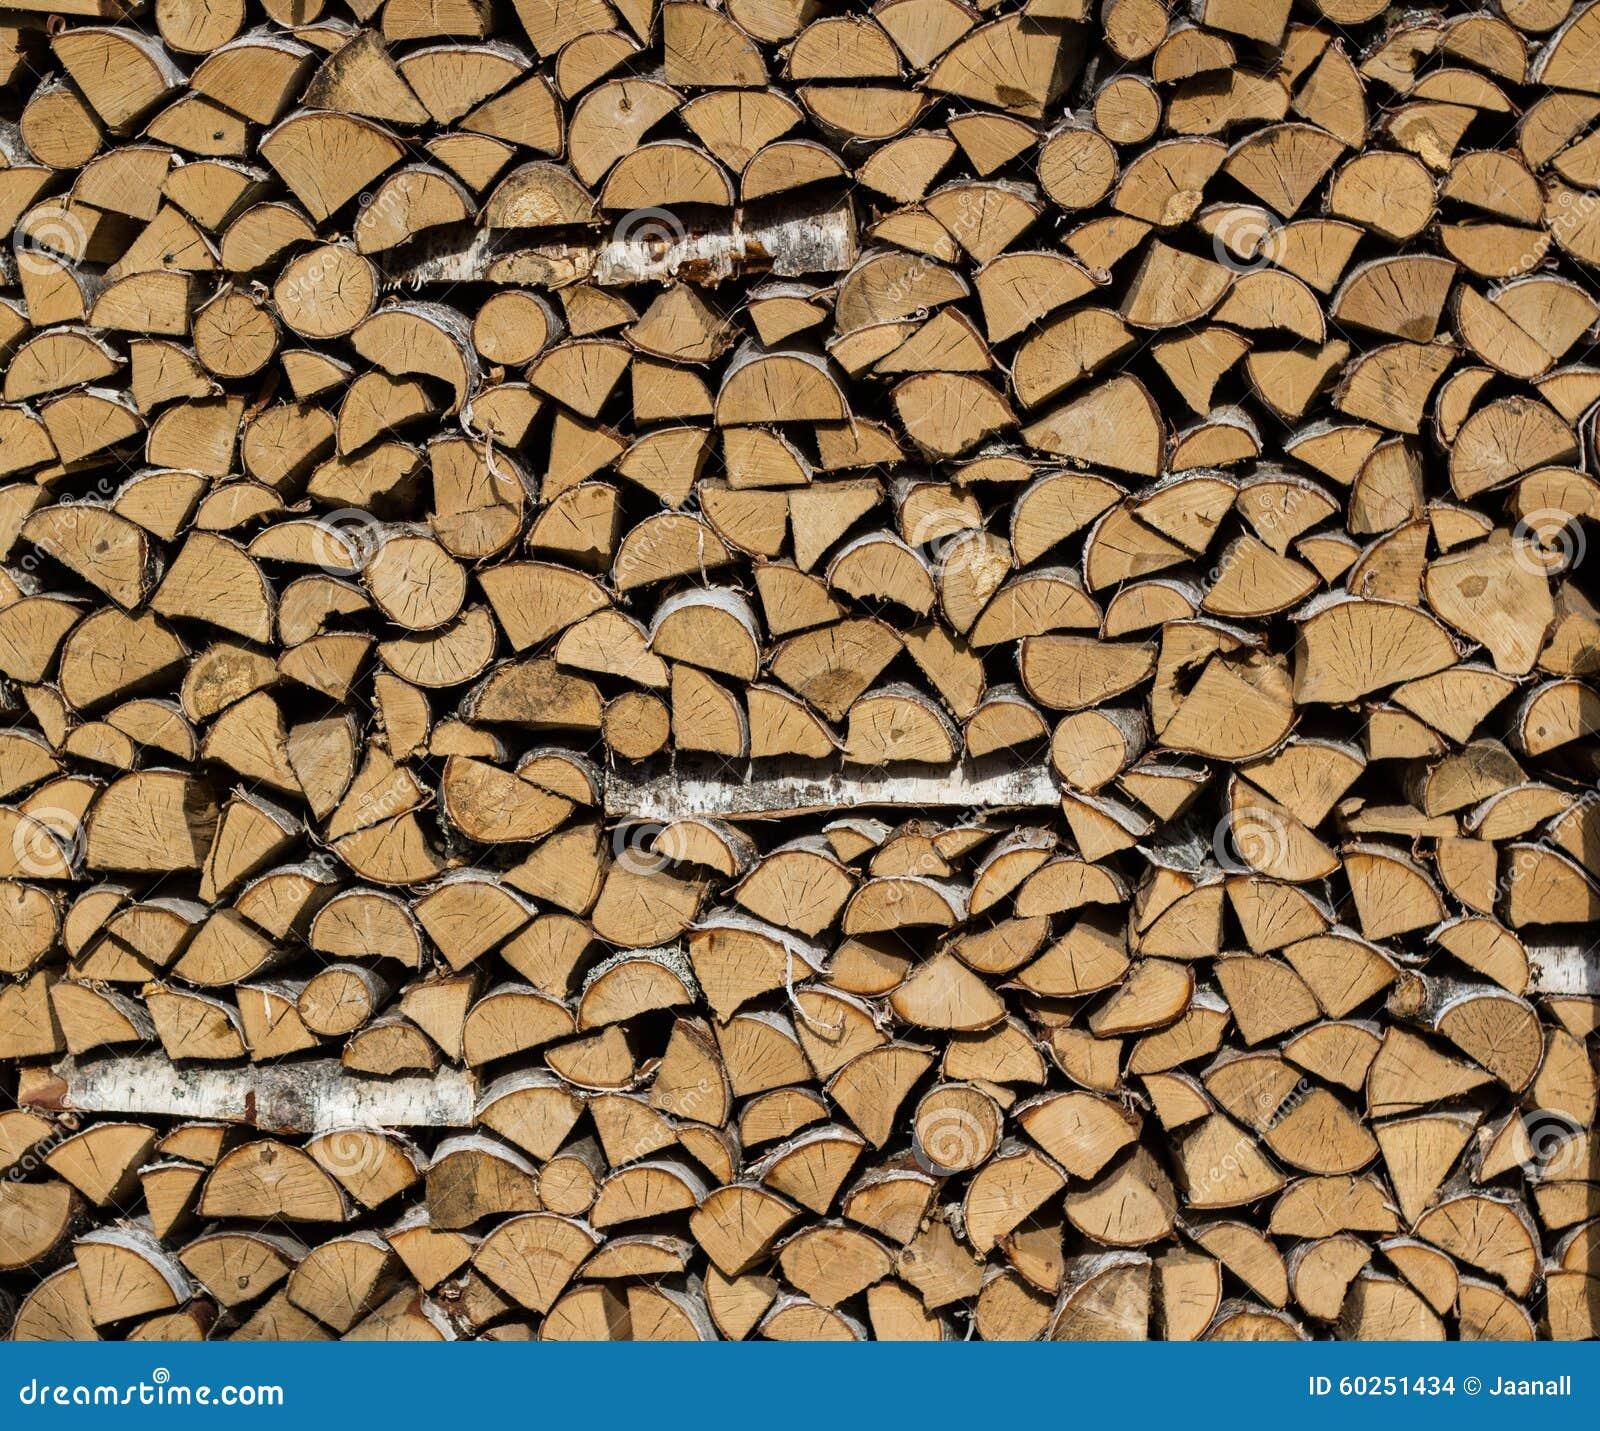 Pile Of Wood Stock Photo Image 60251434